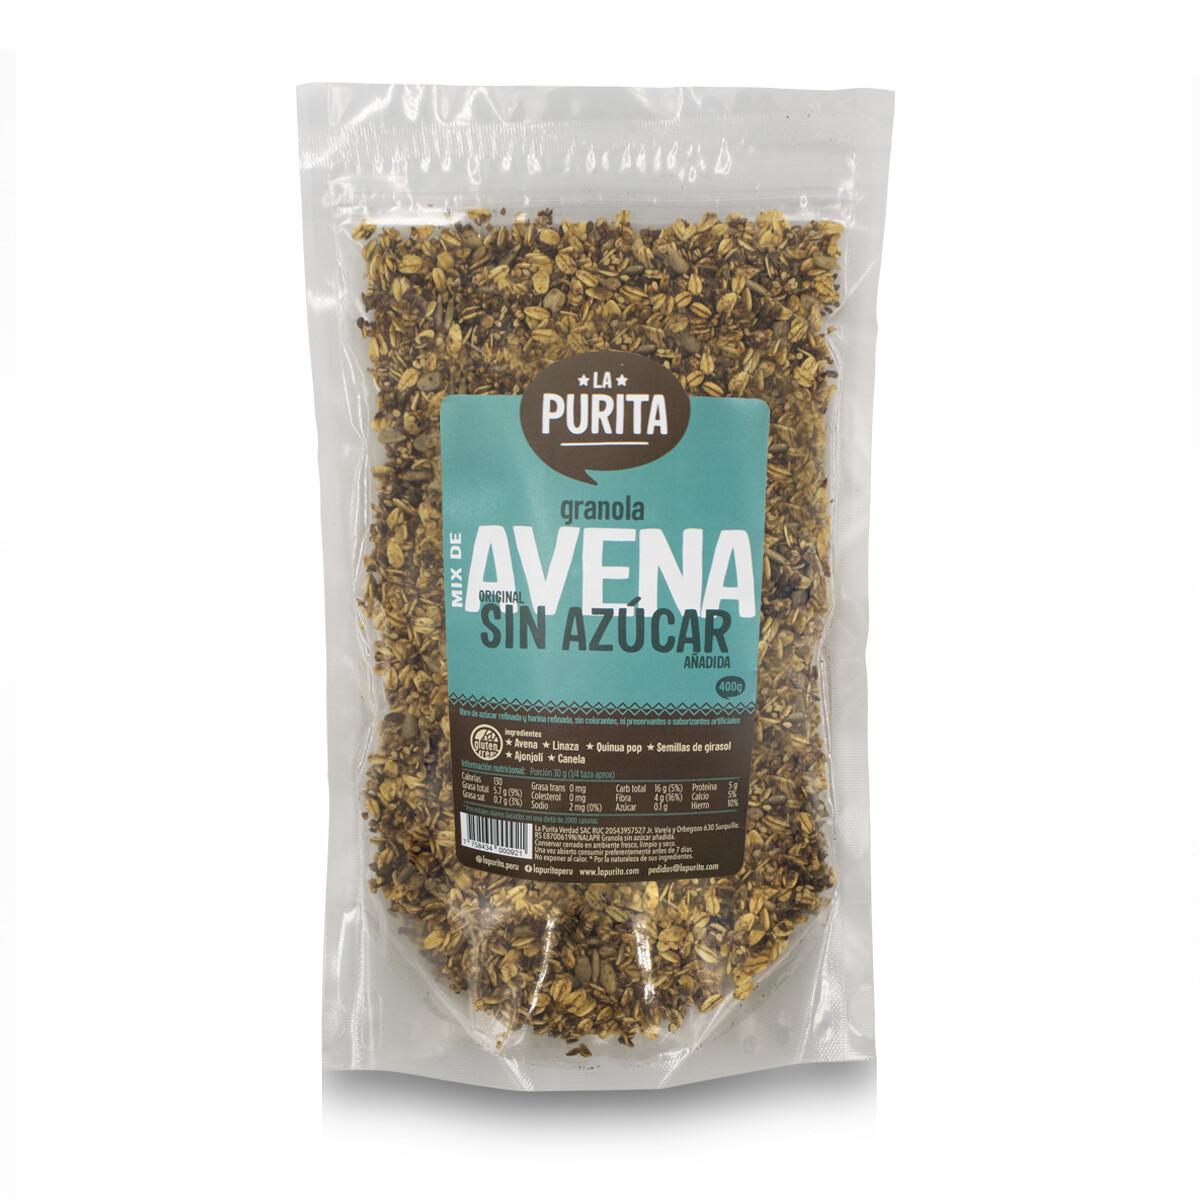 Granola Mix de AVENA - Original SIN Azúcar Añadida x 400grs X 3 UNDS